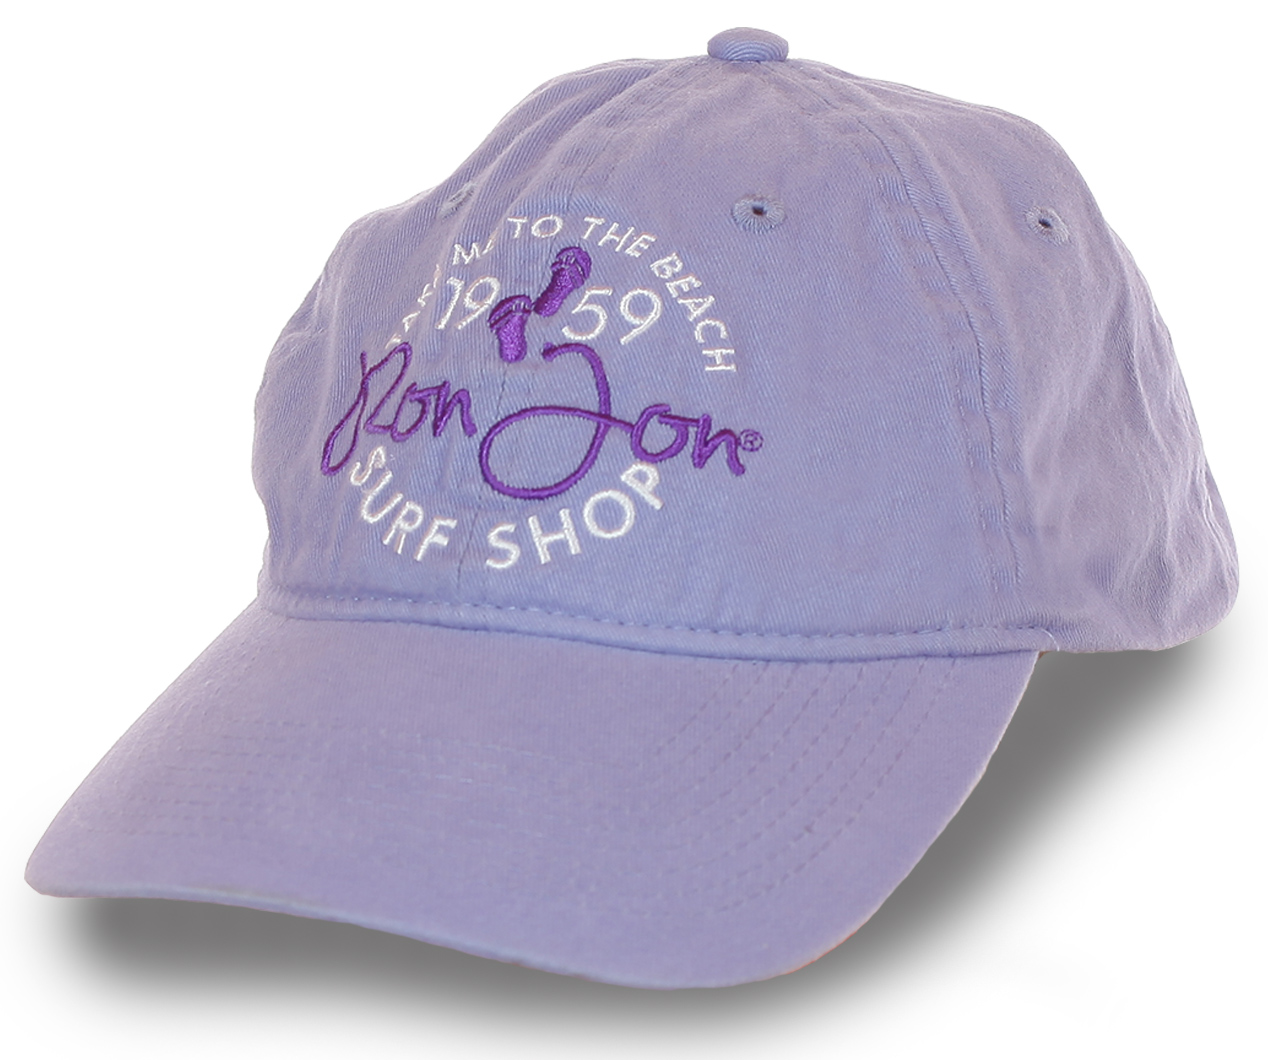 Бейсболка Ron Jon Surf Shop – летний тематический дизайн, мега популярная сёрф-тема, пастельно-лиловый цвет. Твоя стильная защита от солнца!